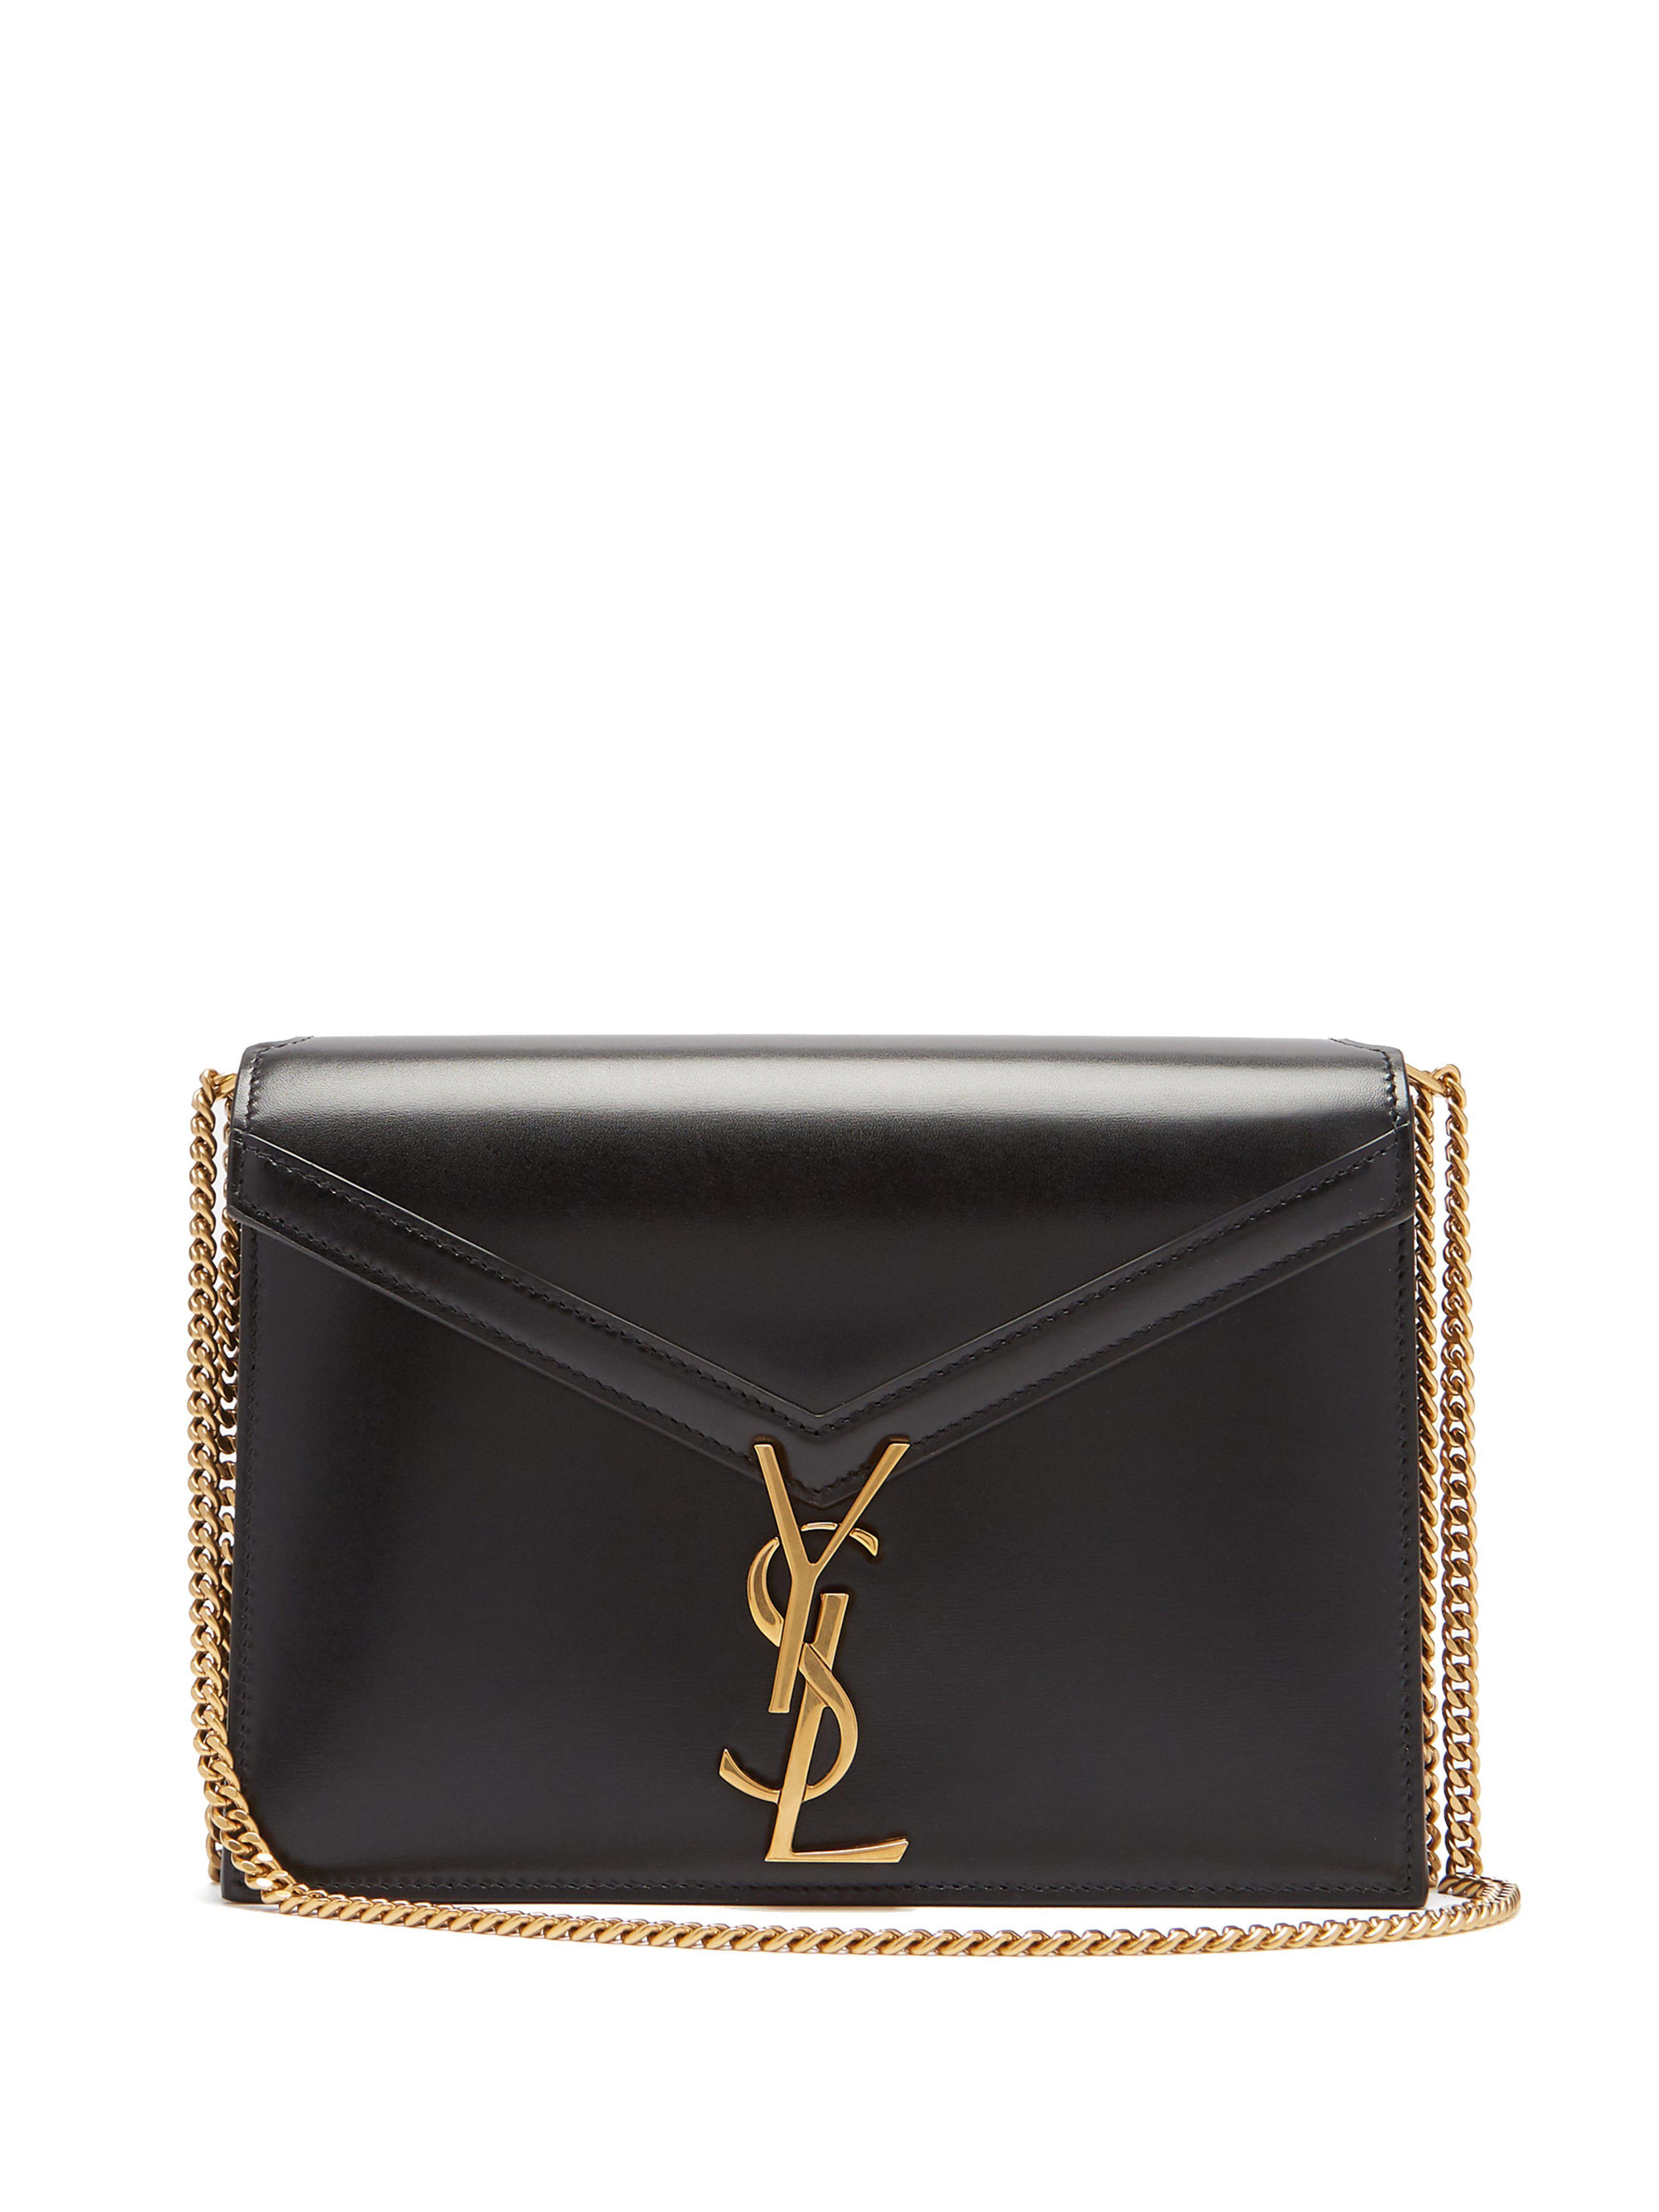 599e0ebcce Saint Laurent Cassandra Monogram Leather Cross Body Bag in Black - Lyst